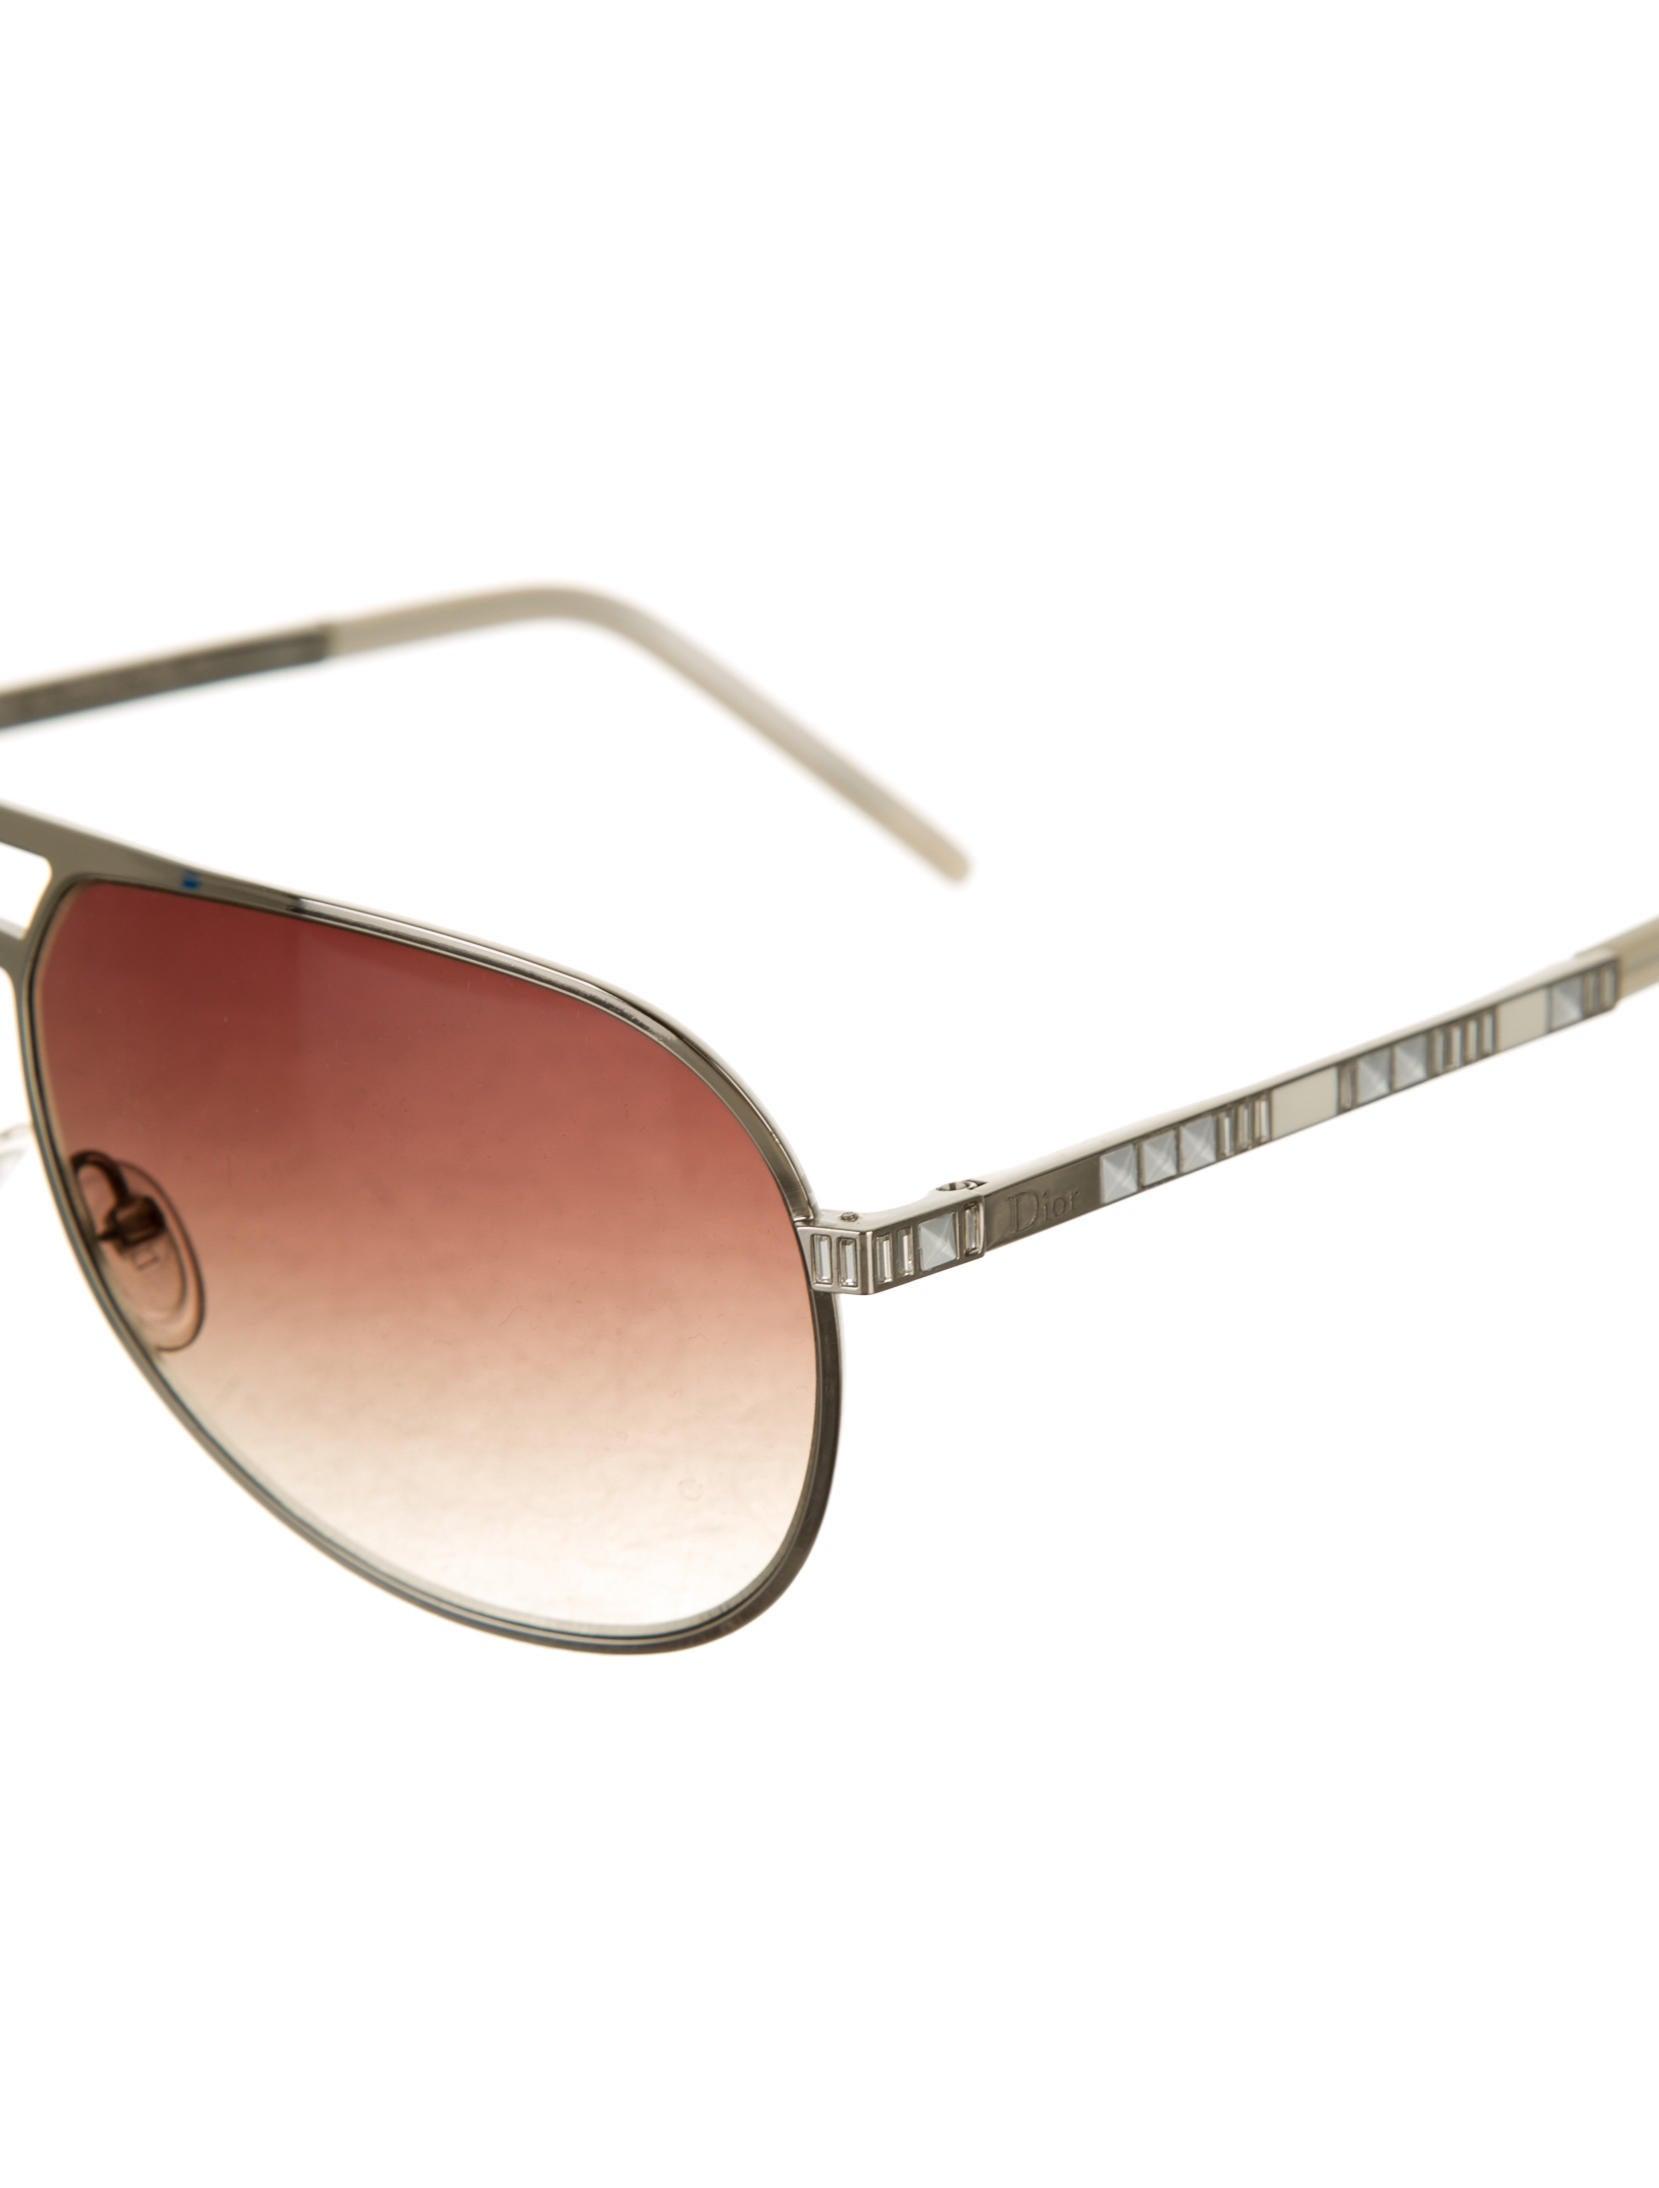 e17914d0ca9 Dior Aviator Sunglasses Women